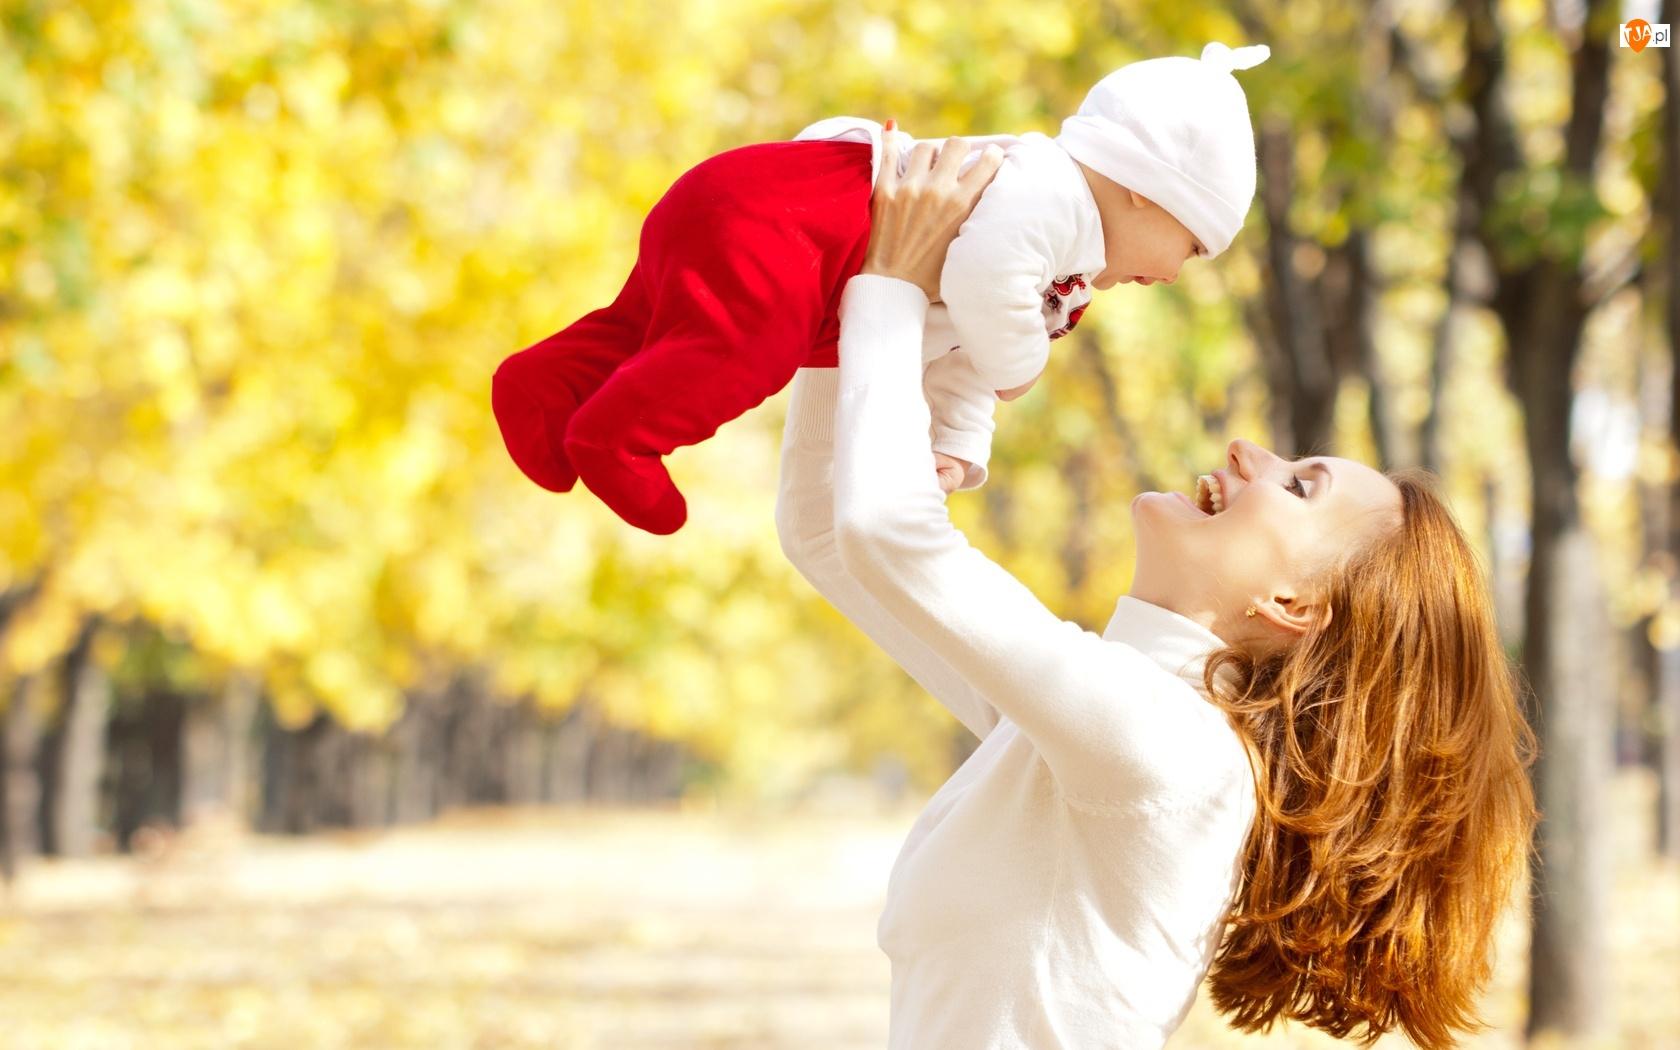 Dziecko, Kobieta, Małe